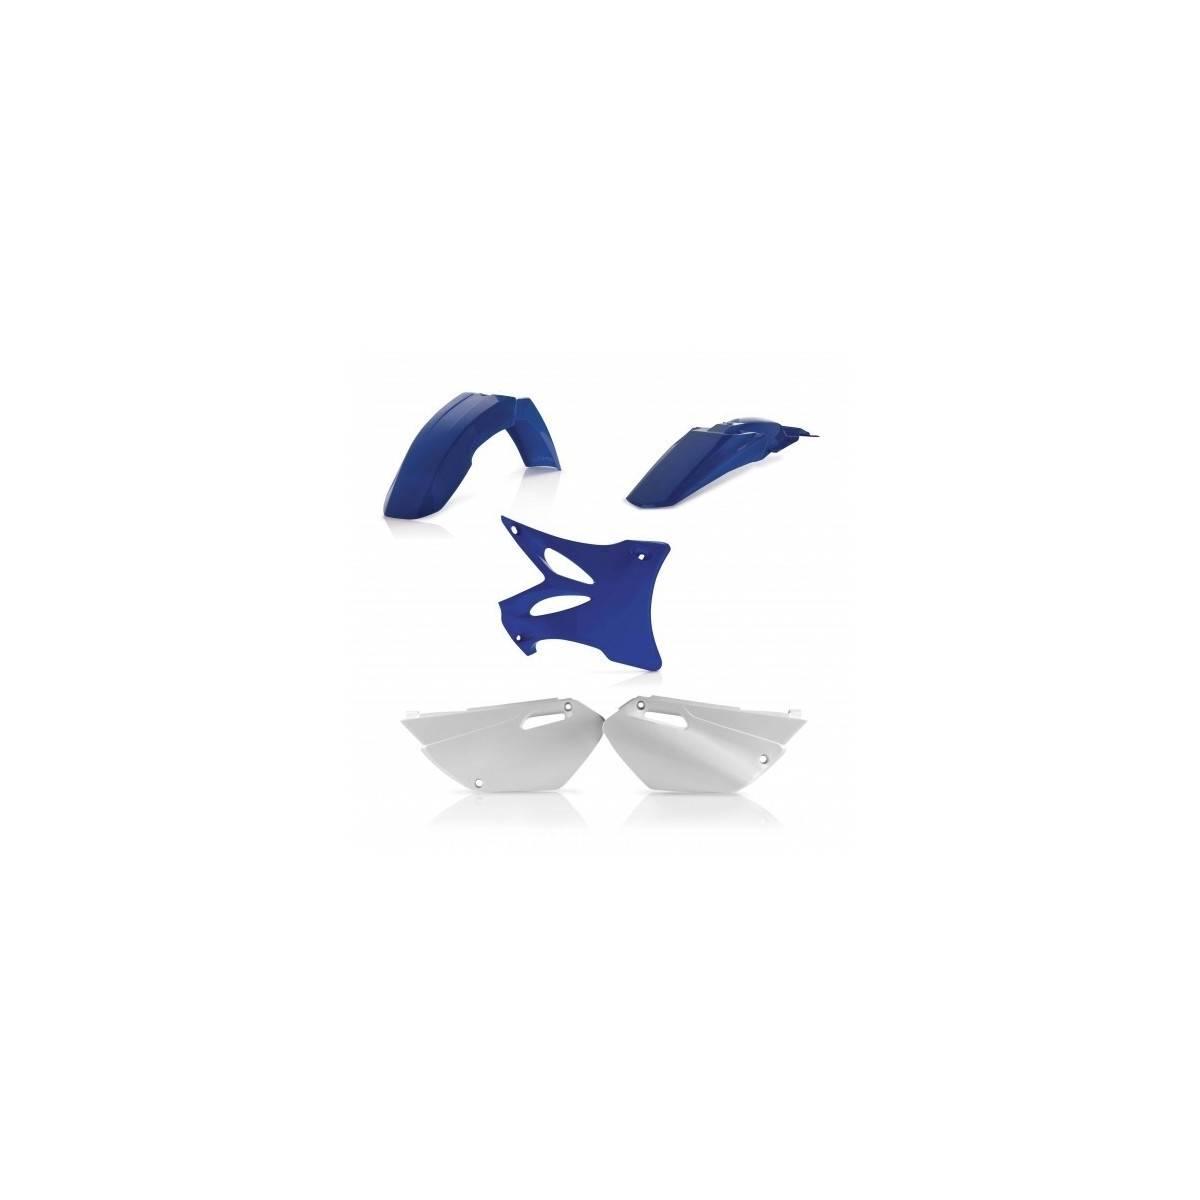 0023086-040 - Kit Plasticos Yz 250 Wr 250 18 Azul